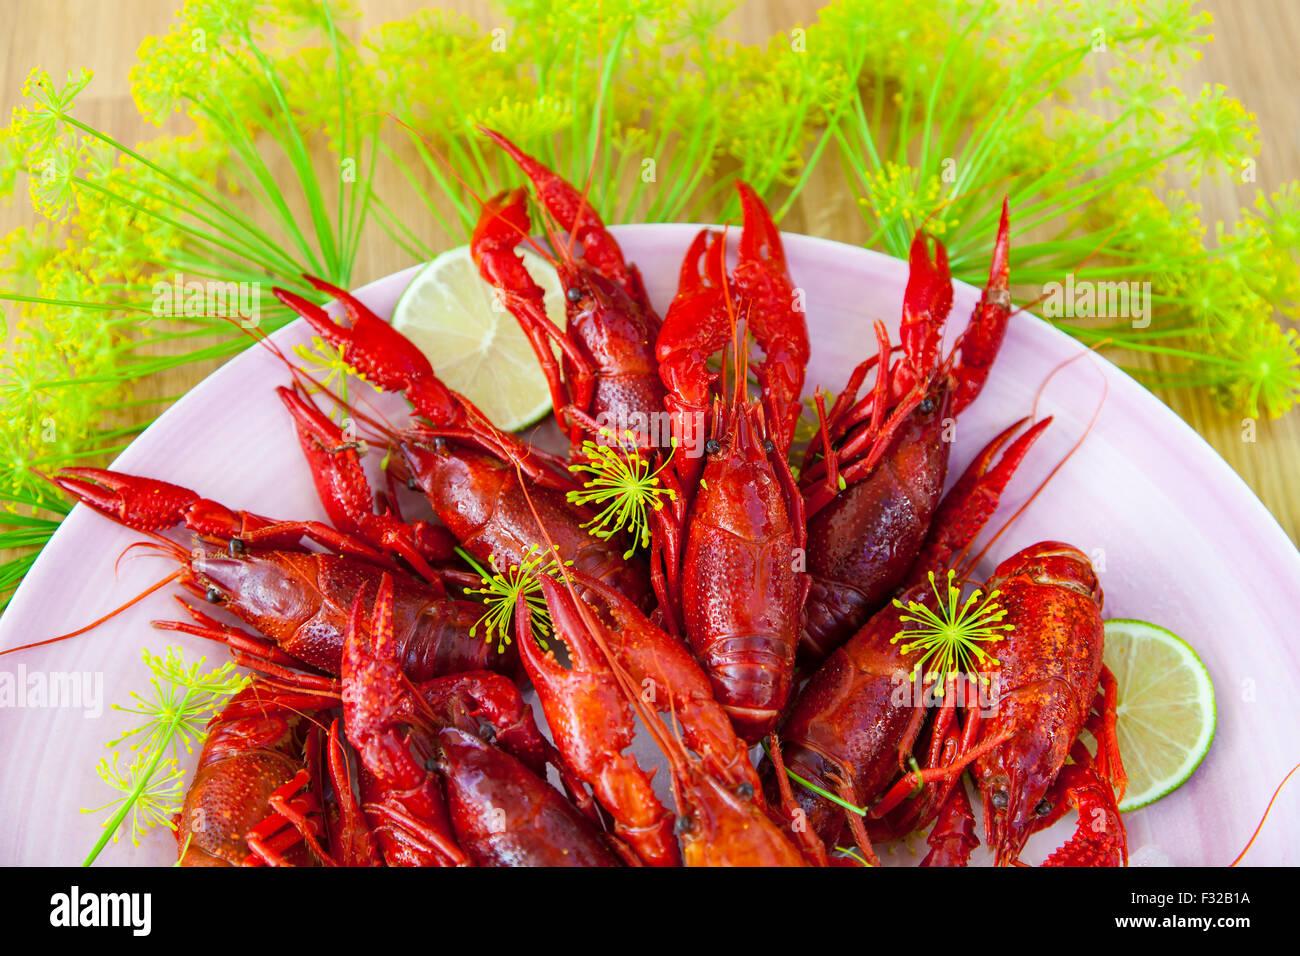 Imagen de un plato de langostinos y eneldo. Foto de stock